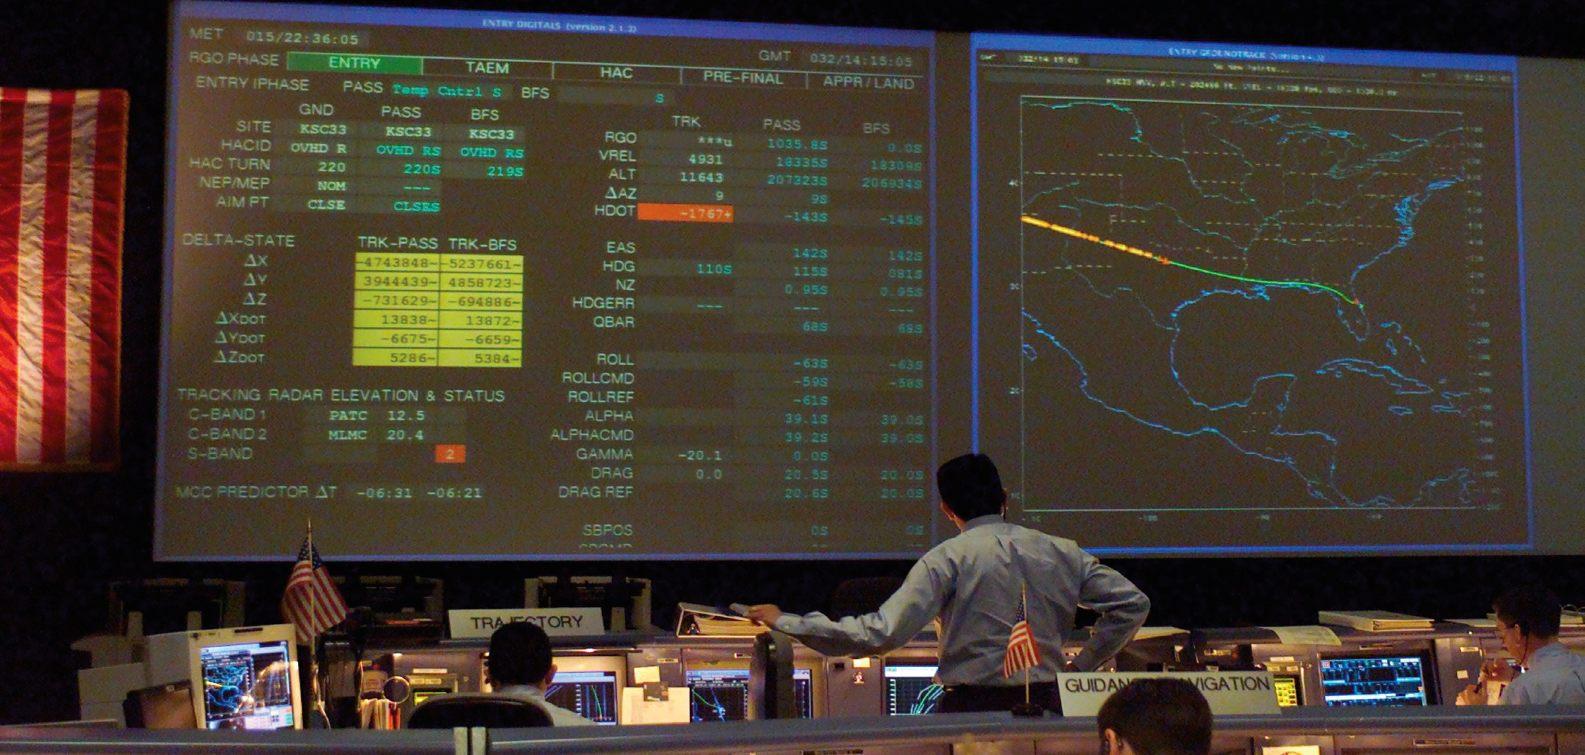 Suivi de la rentrée de Columbia depuis le Centre de contrôle de mission - NASA